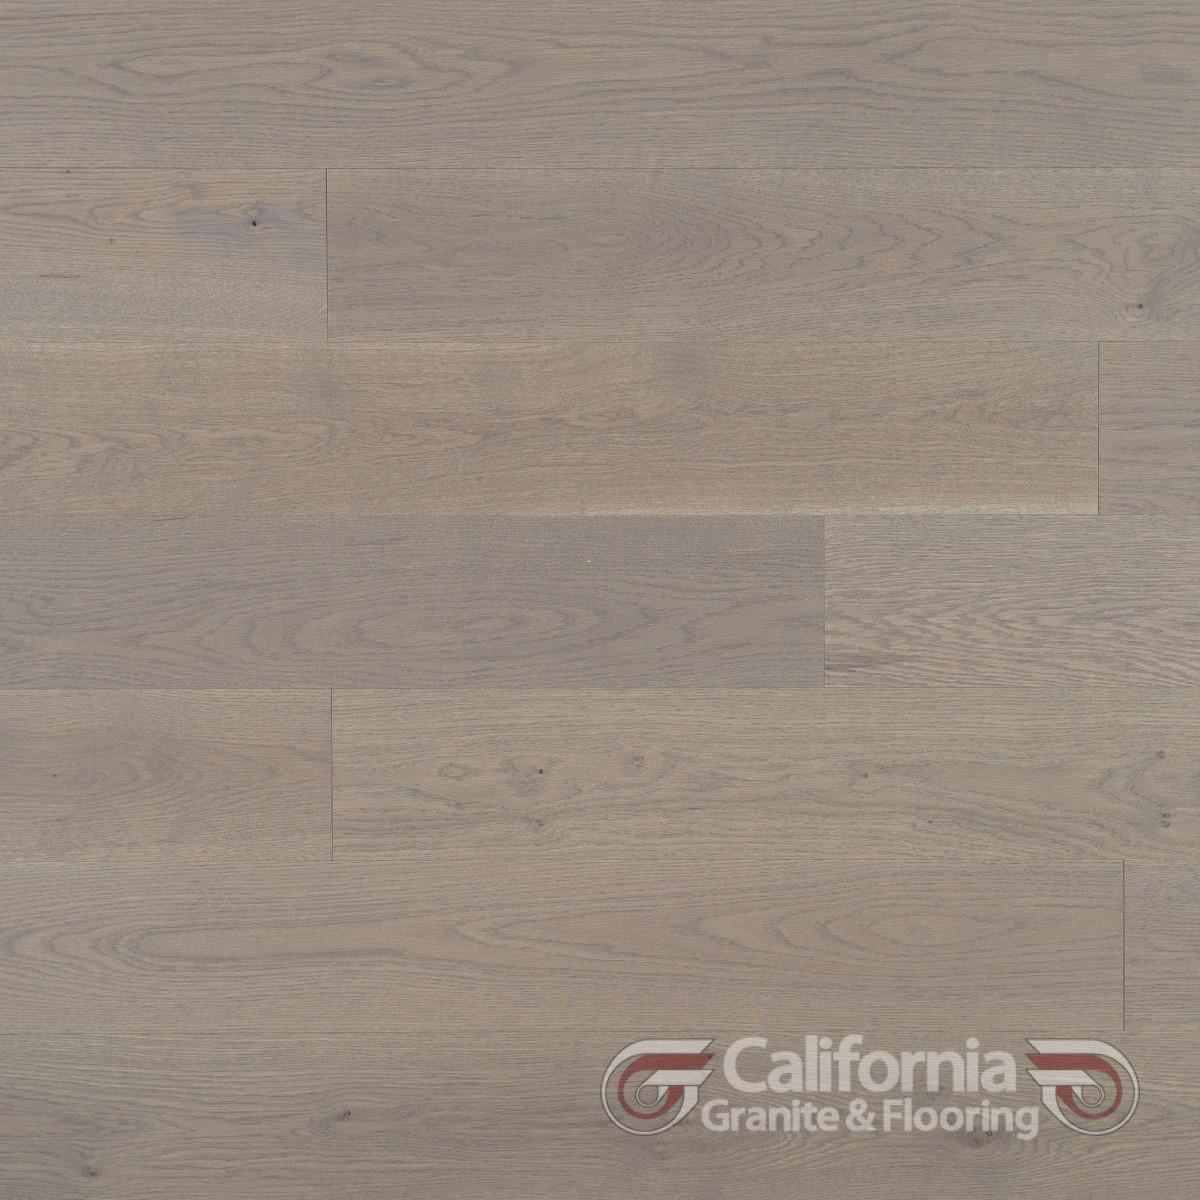 hardwood-flooring-white-oak-grey-drizzle-character-brushed-herringbone-2